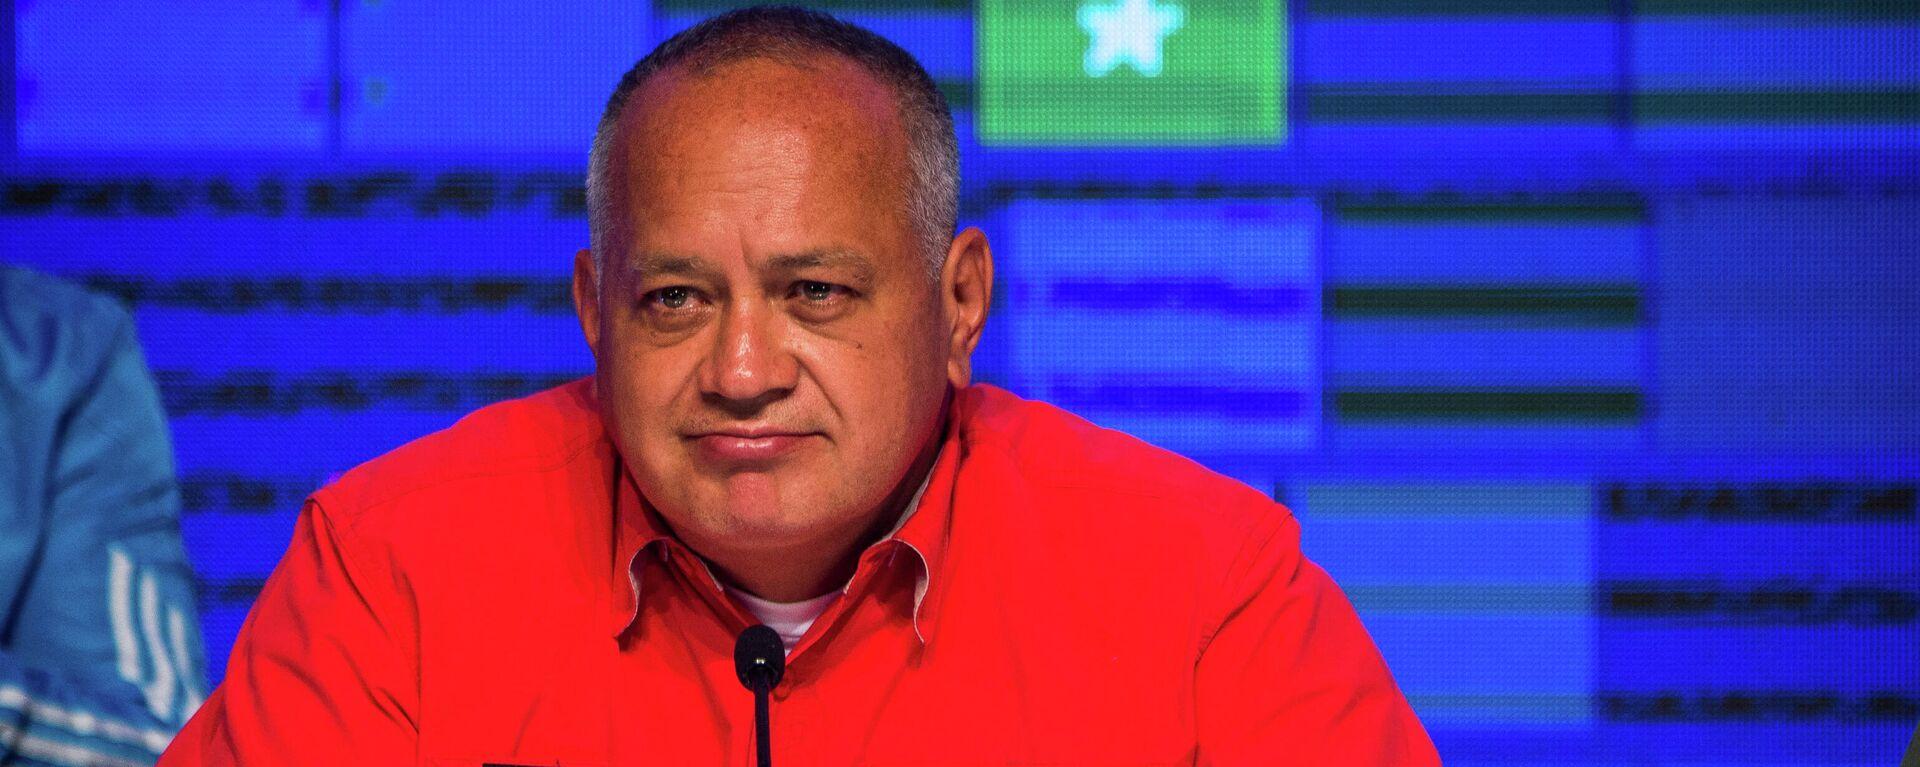 Diosdado Cabello, diputado y primer vicepresidente del PSUV - Sputnik Mundo, 1920, 13.07.2021